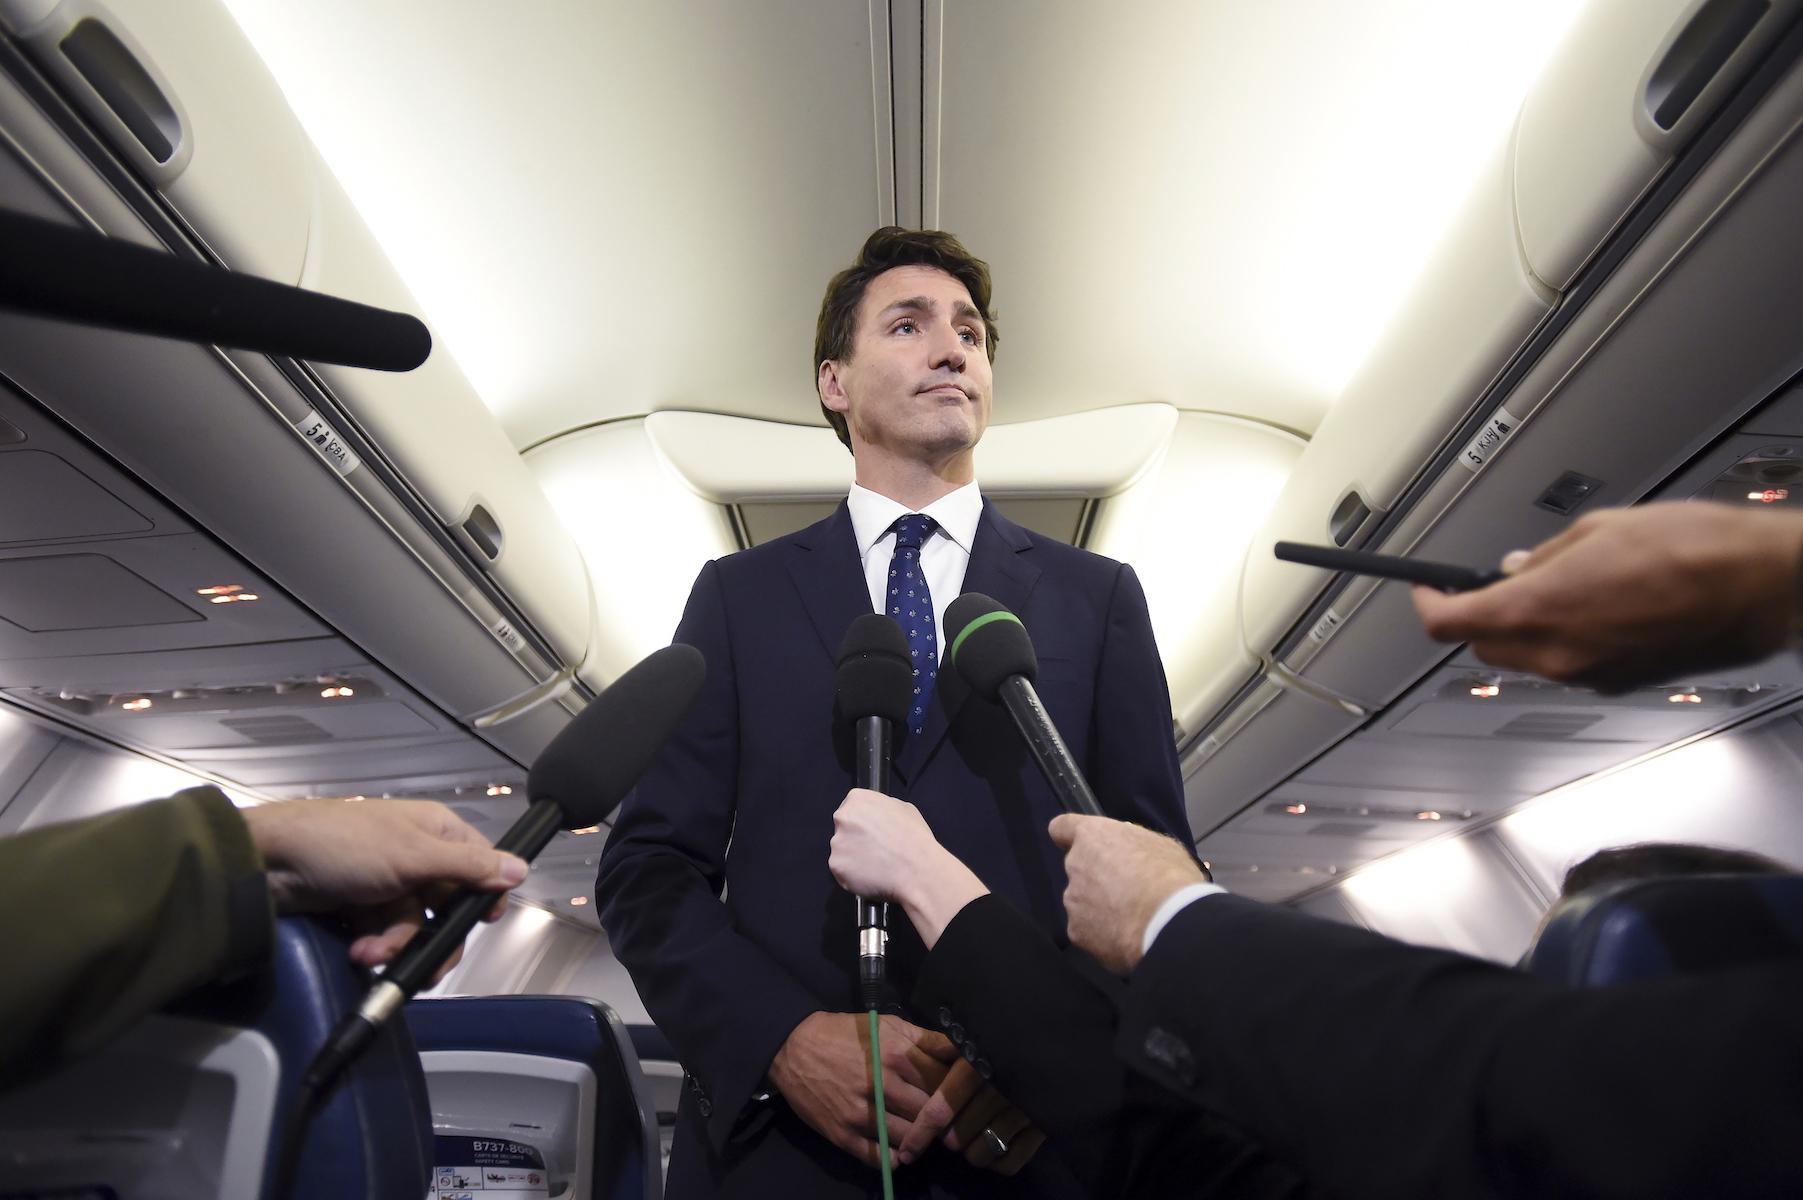 Canada Trudeau Brownface Photo